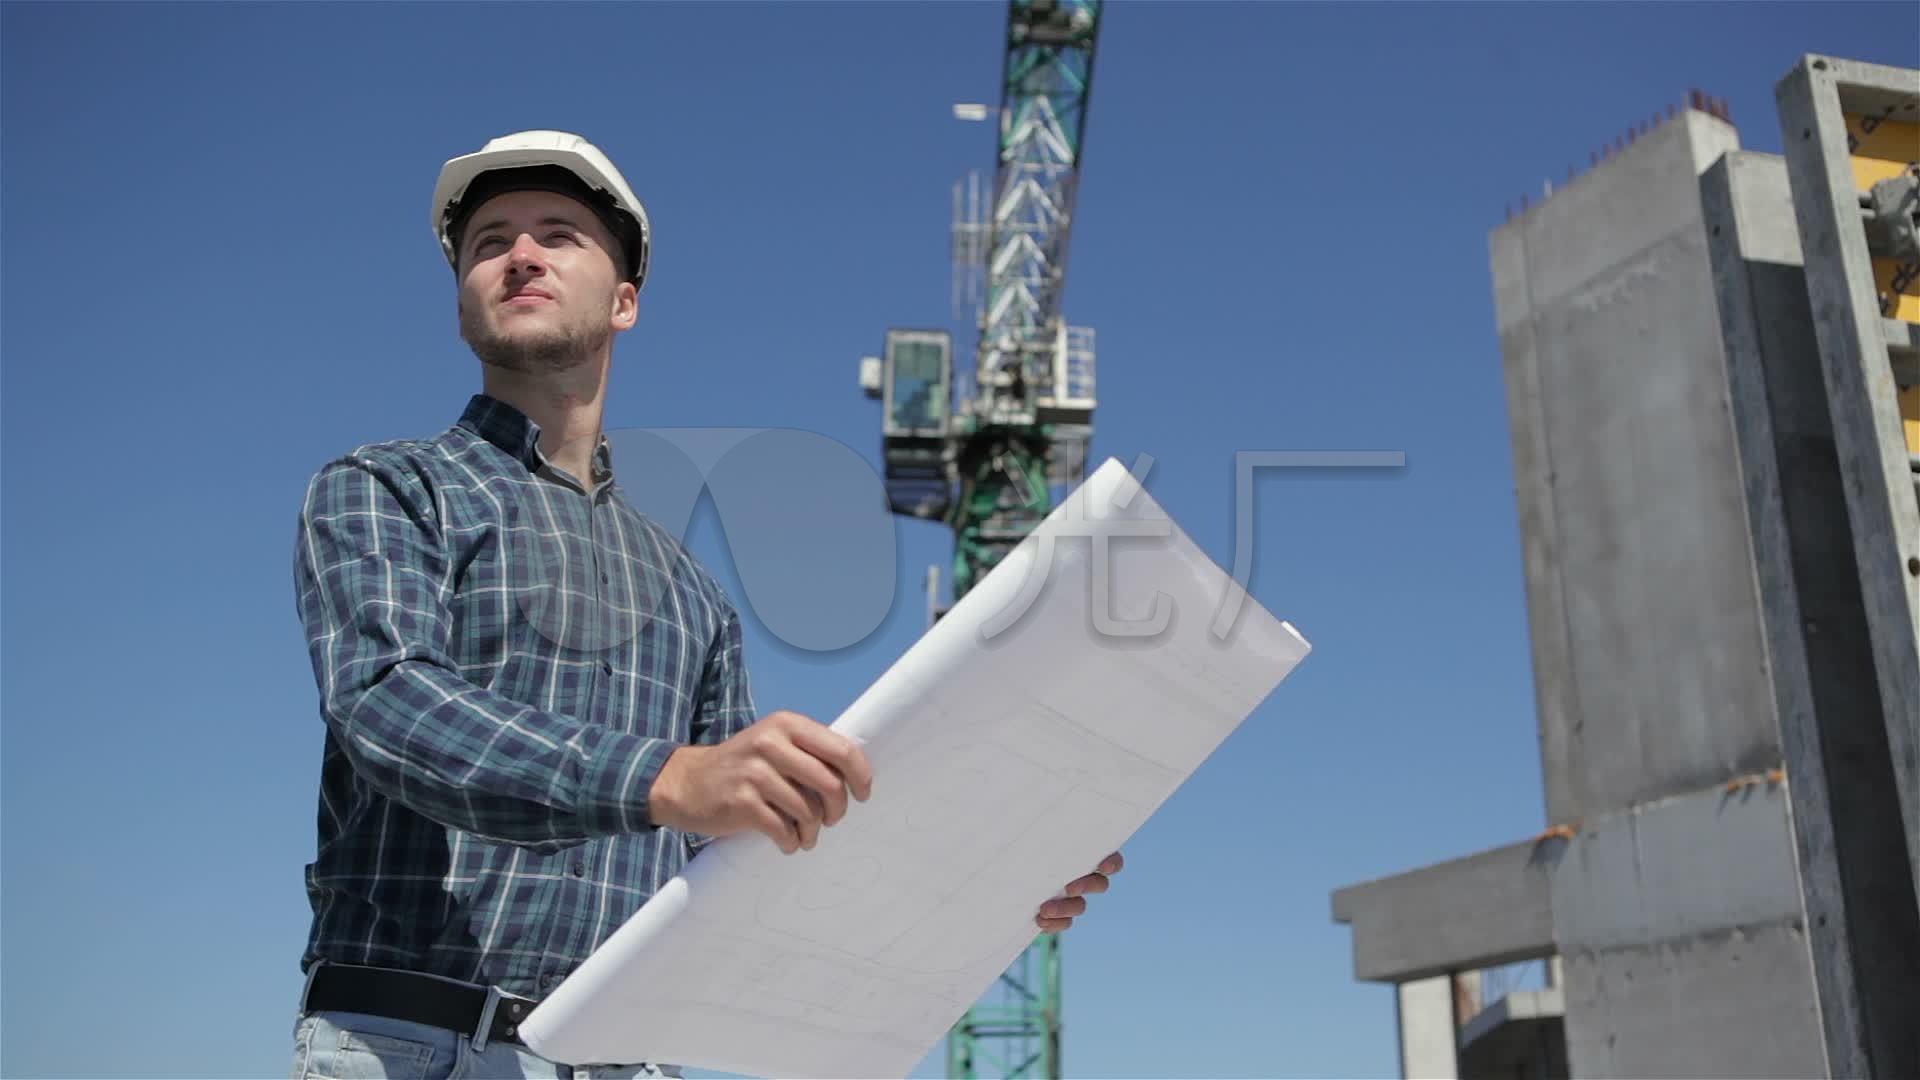 房地产项目开发建筑师看归档图纸_1920X108设计院图纸建筑图片